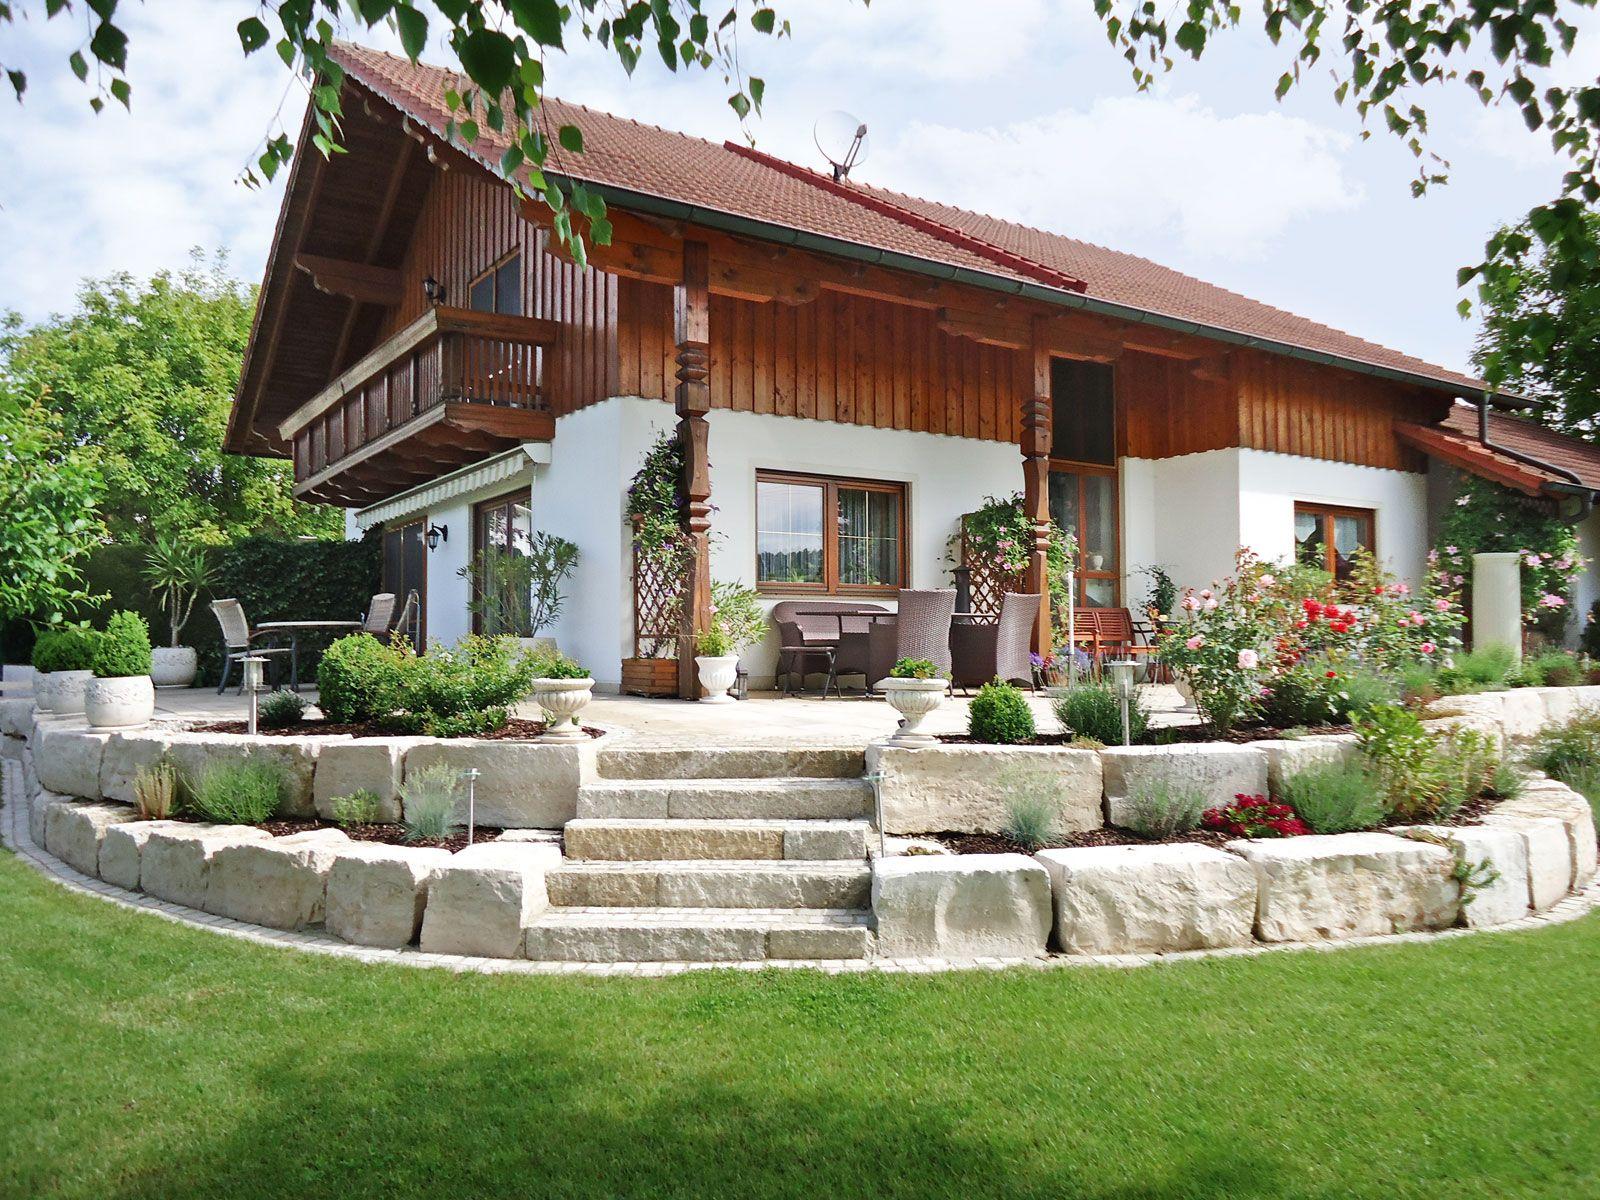 bildergebnis für natursteinmauer terrasse stufen | garten | pinterest